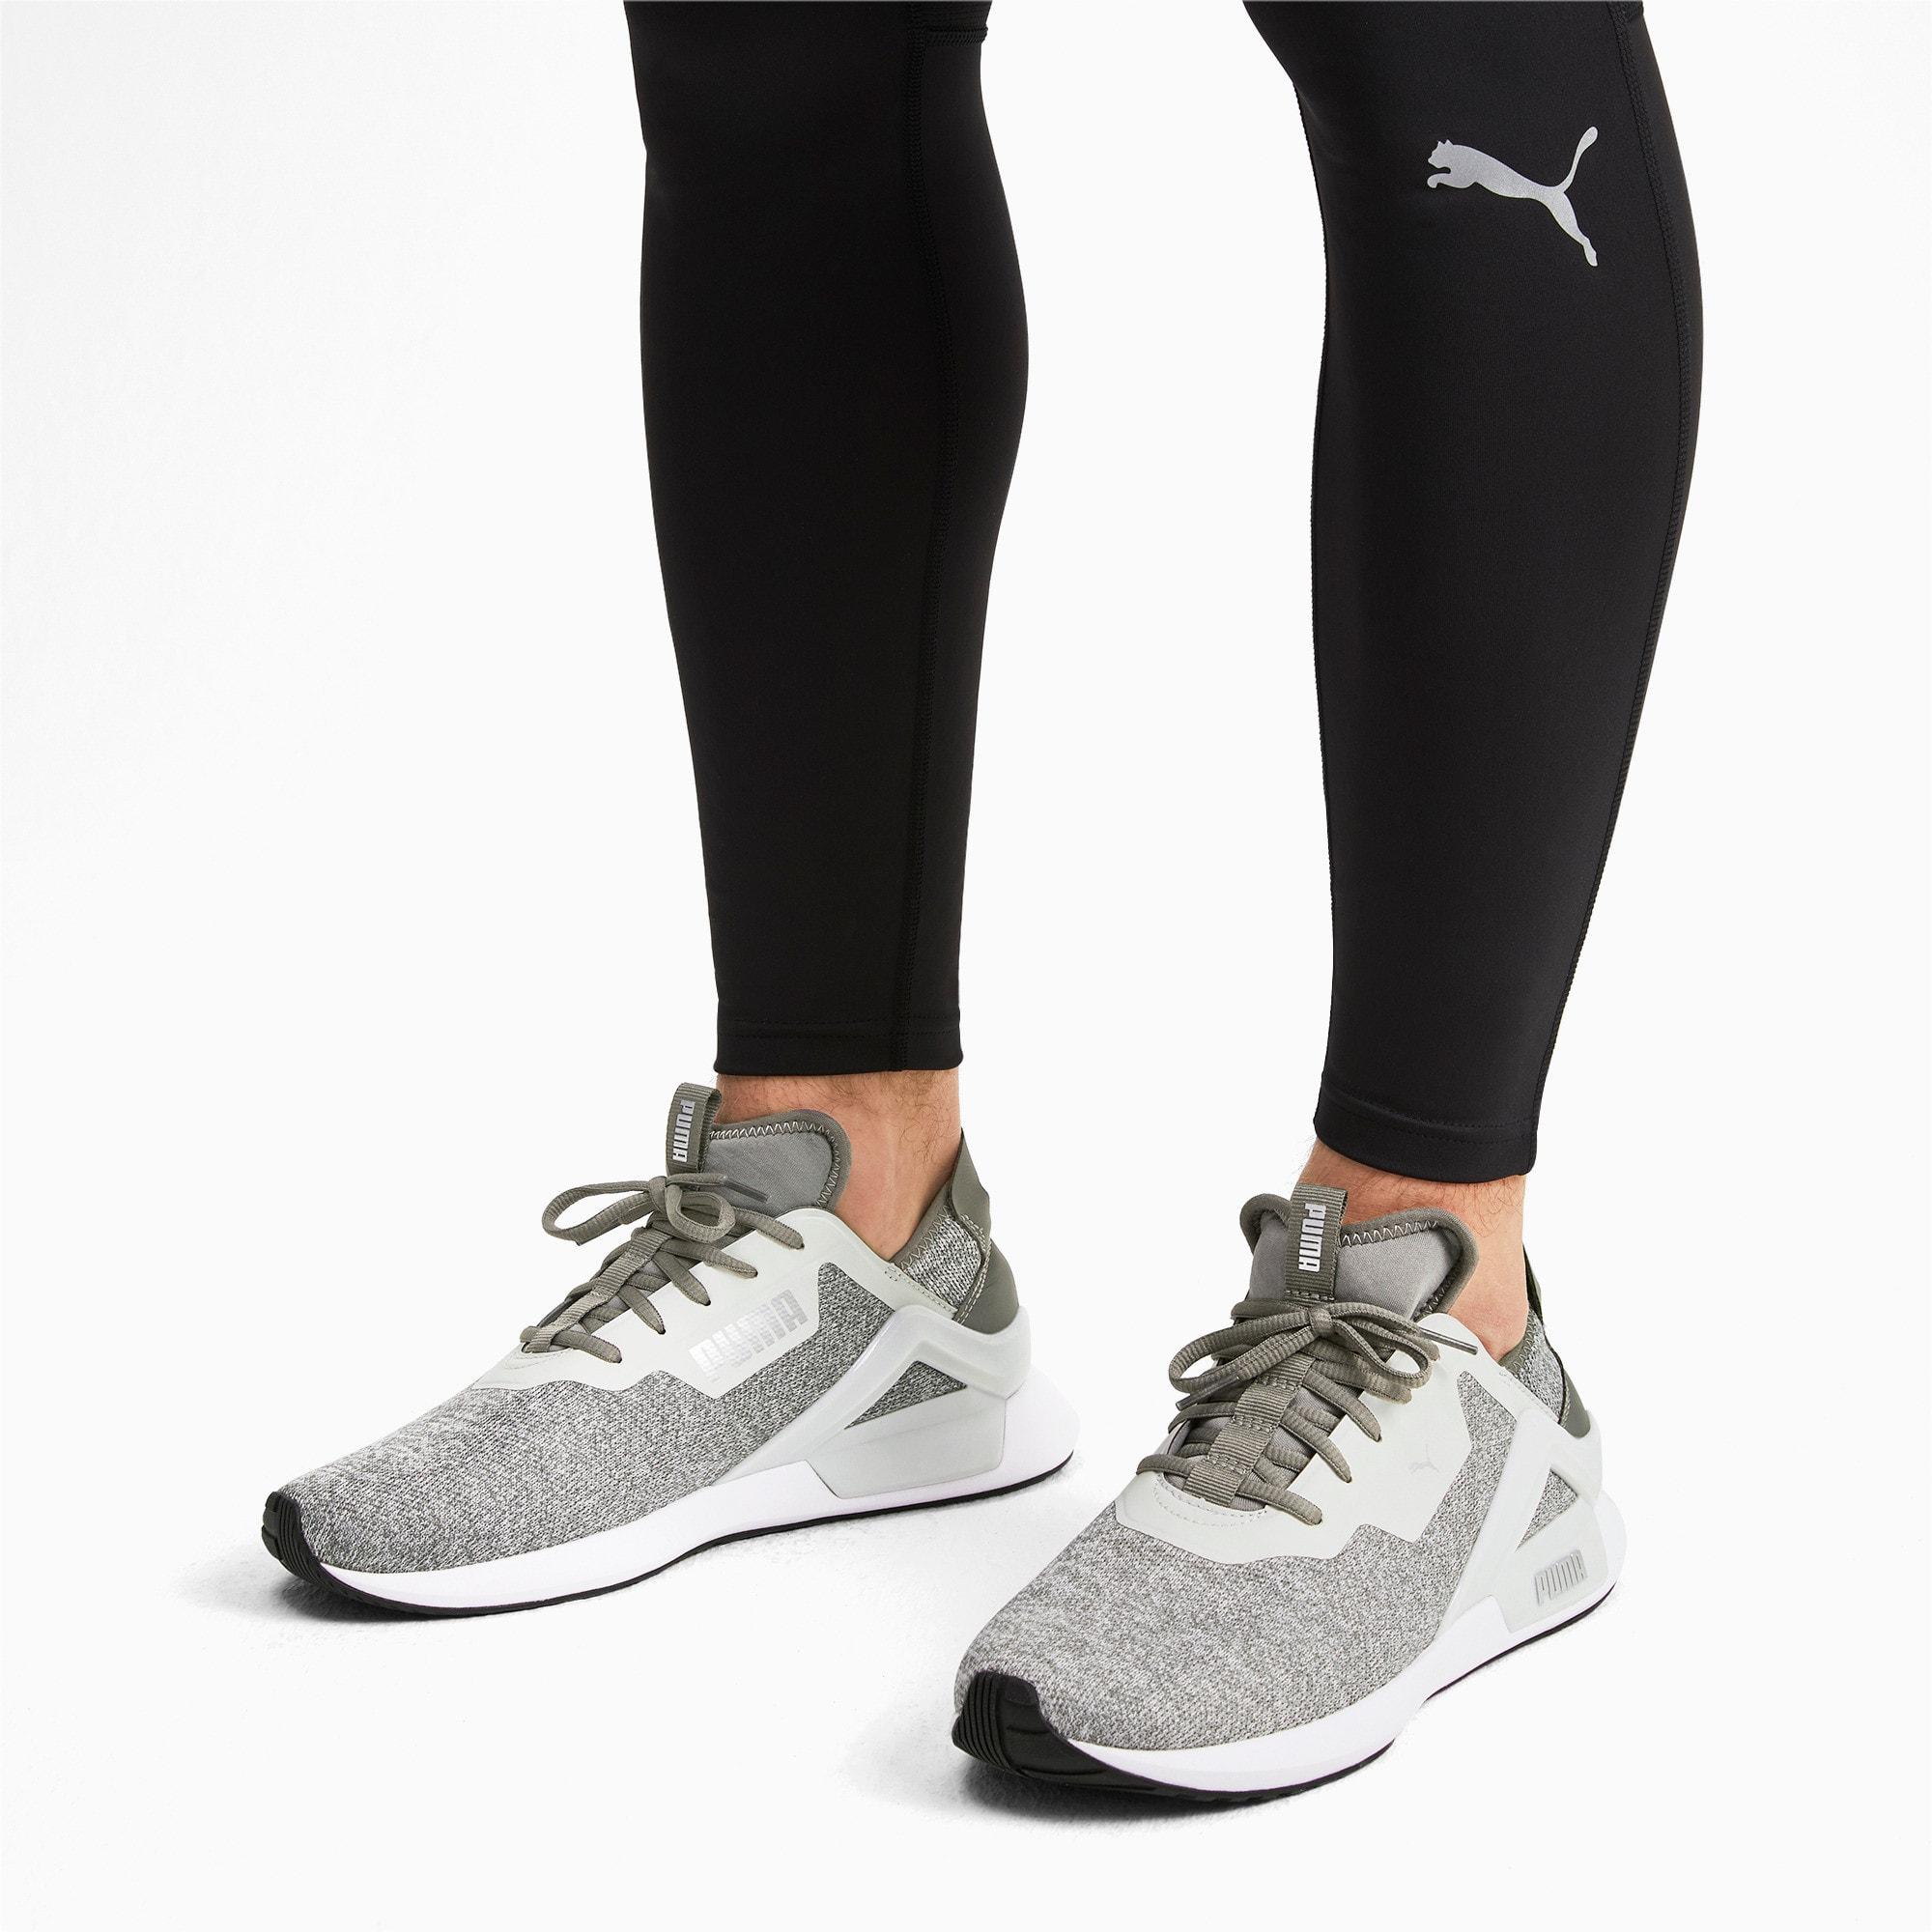 Miniatura 2 de Zapatos de entrenamiento Rogue X Knit para hombre, CASTLEROCK-Glacier Gray, mediano